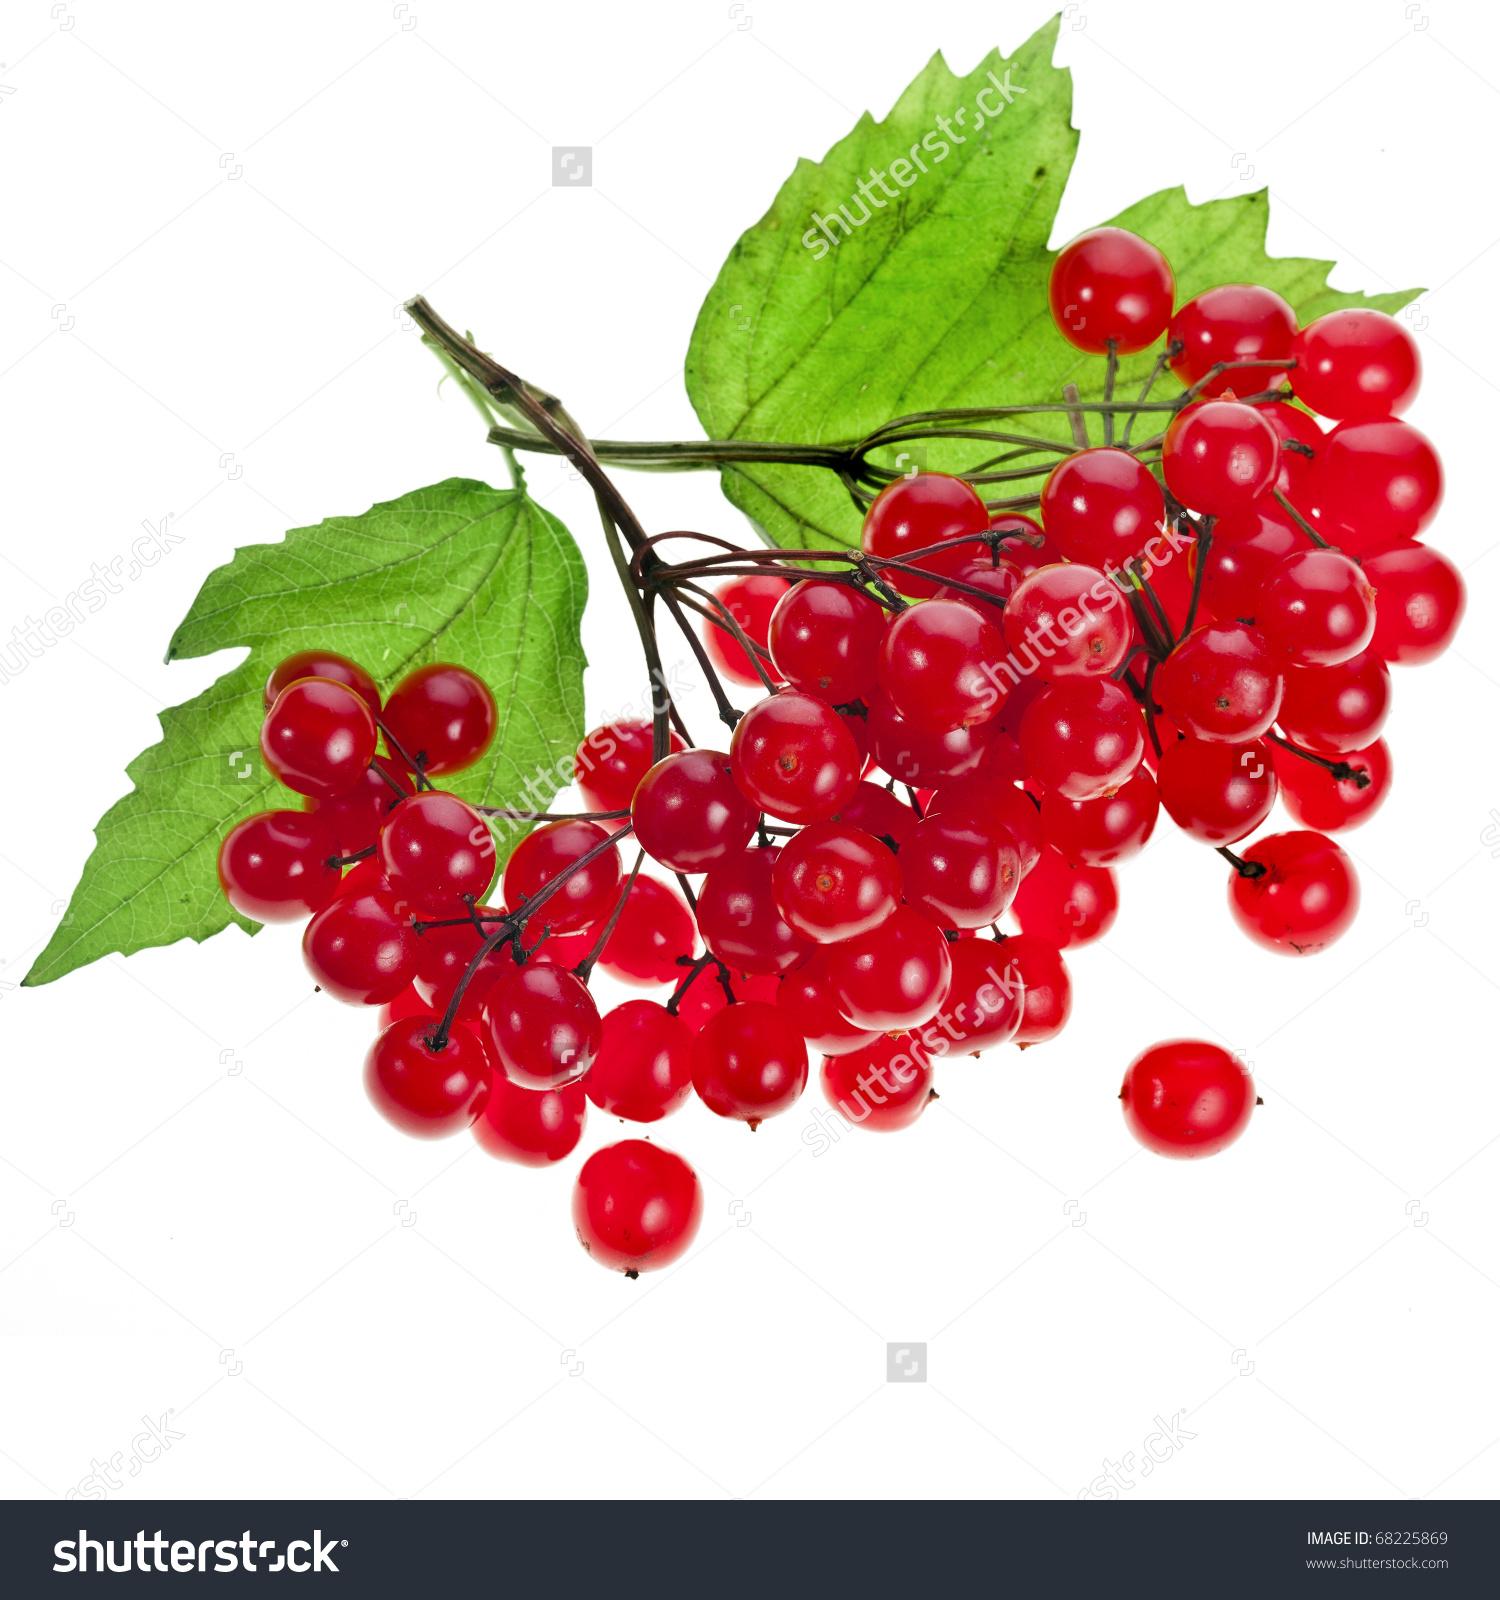 Red Berries Viburnum Arrow Wood Isolate Stock Photo 68225869.